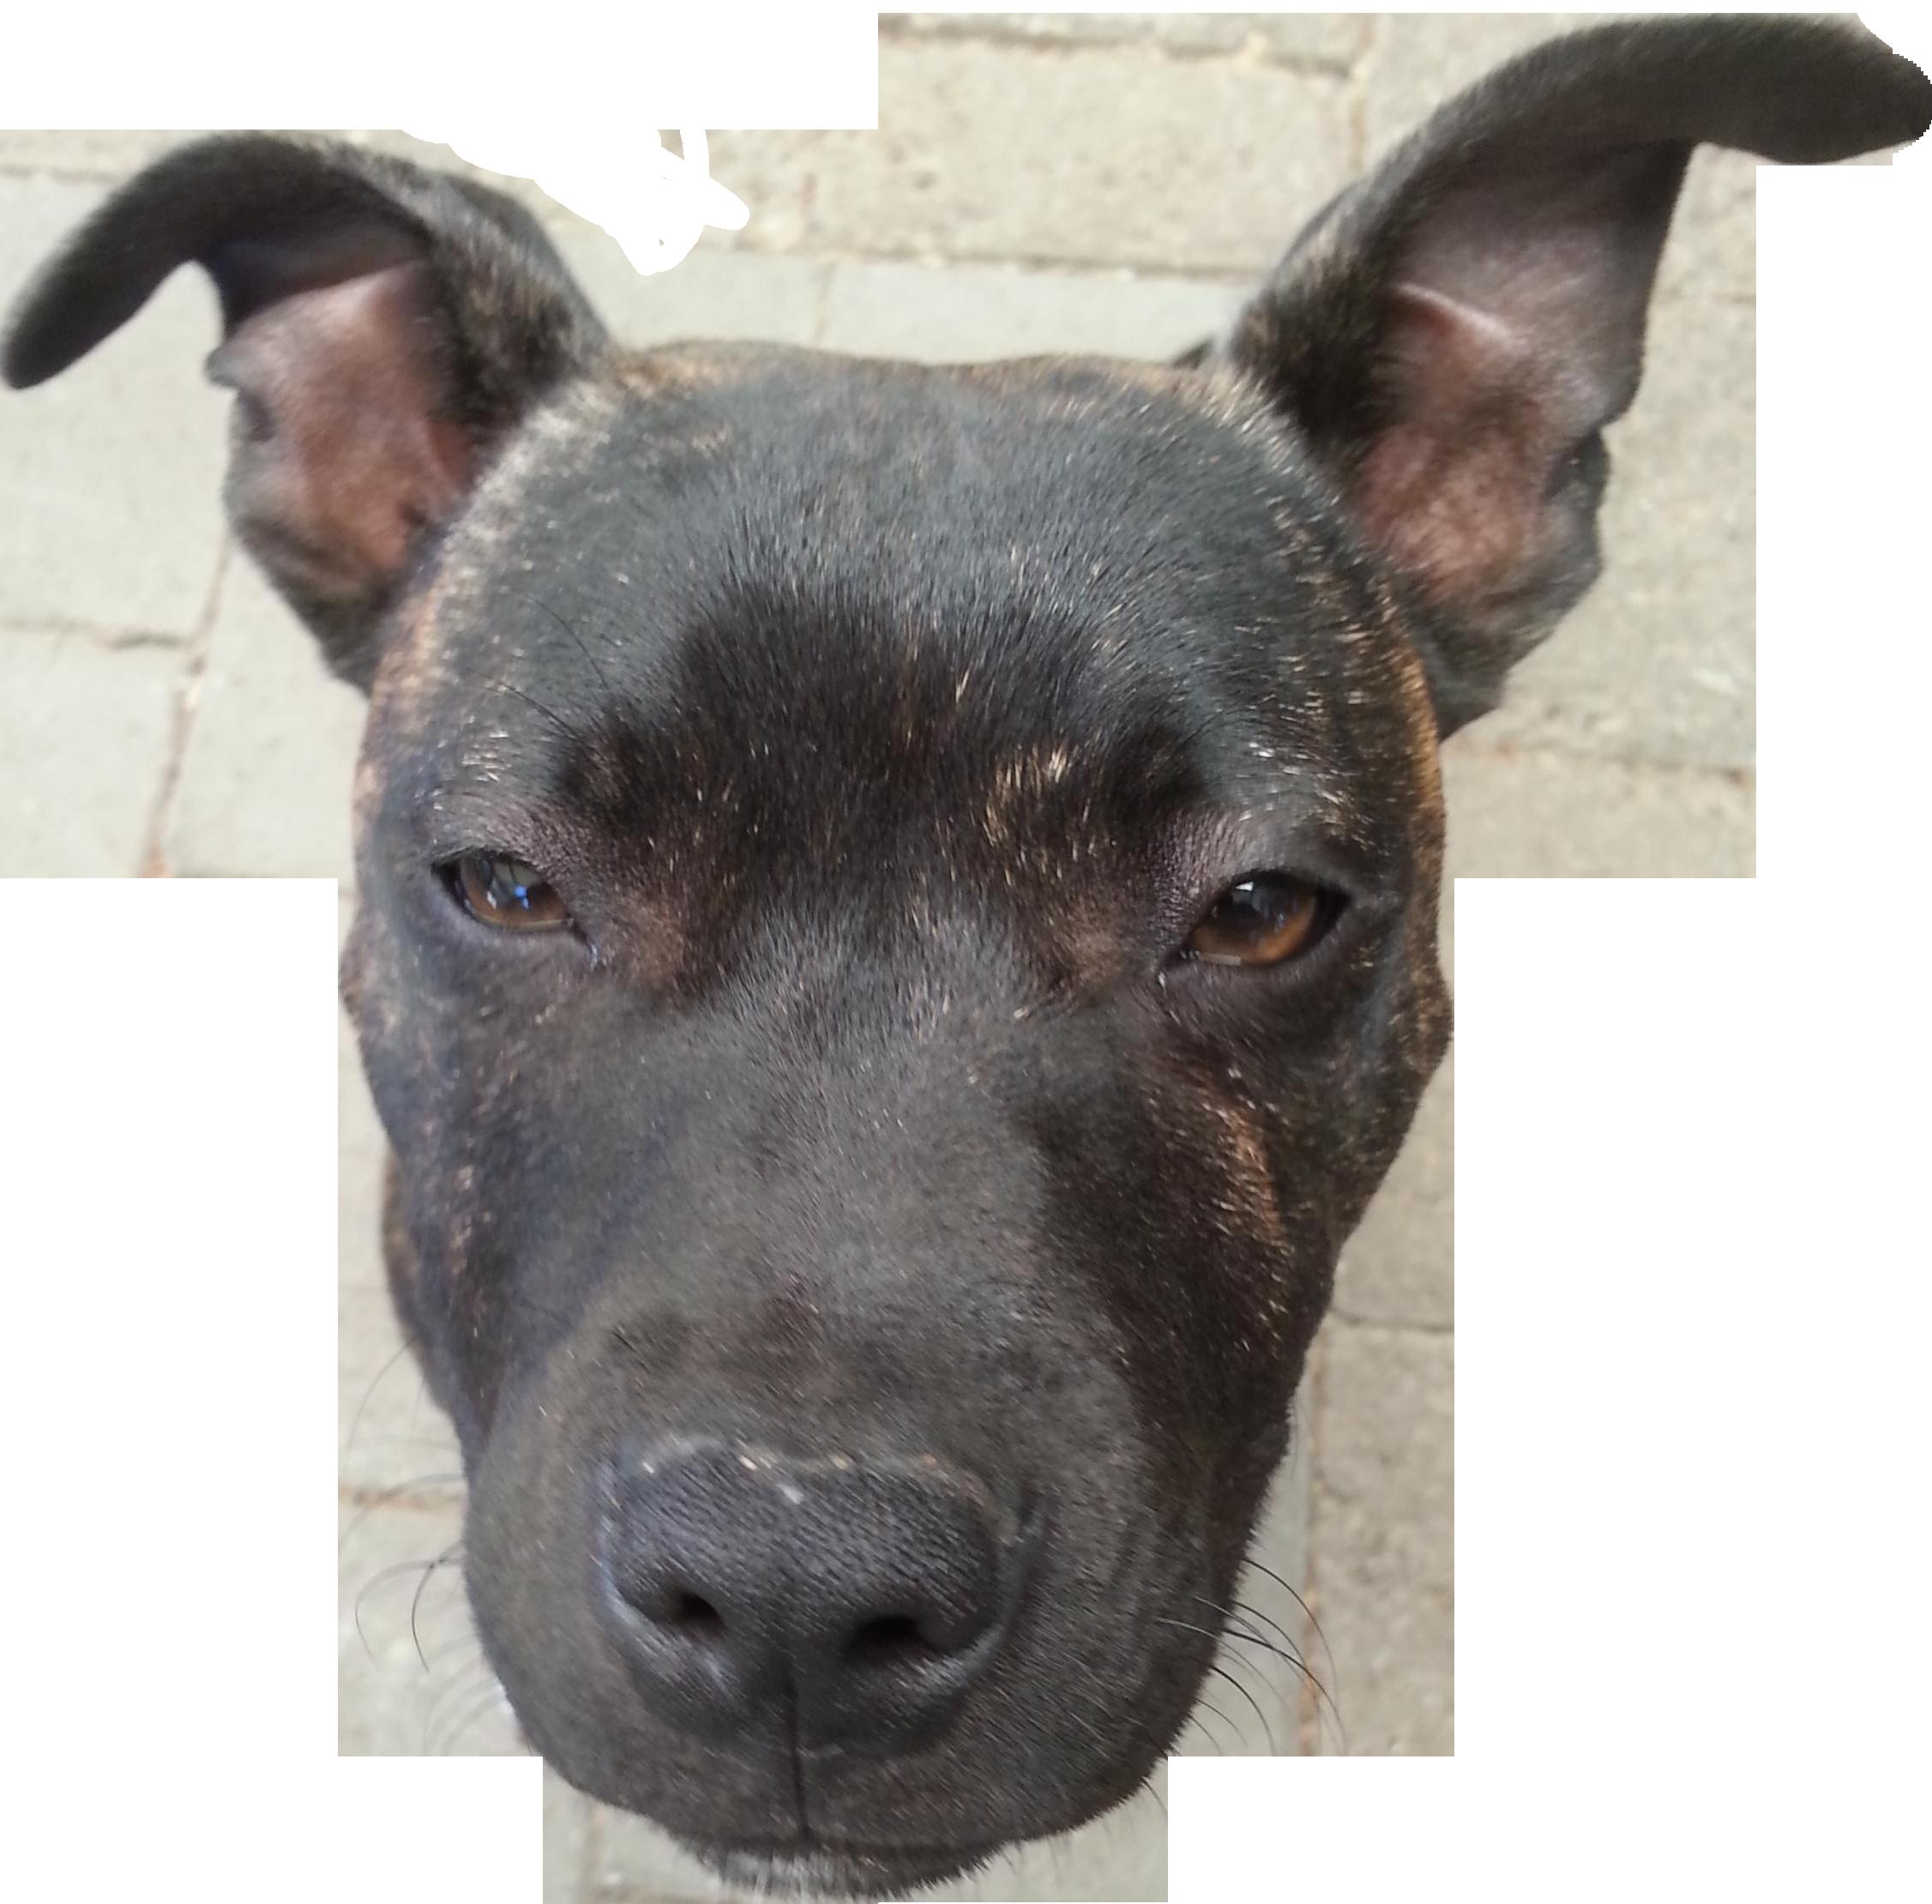 My dog looks like she's a floating head : pics